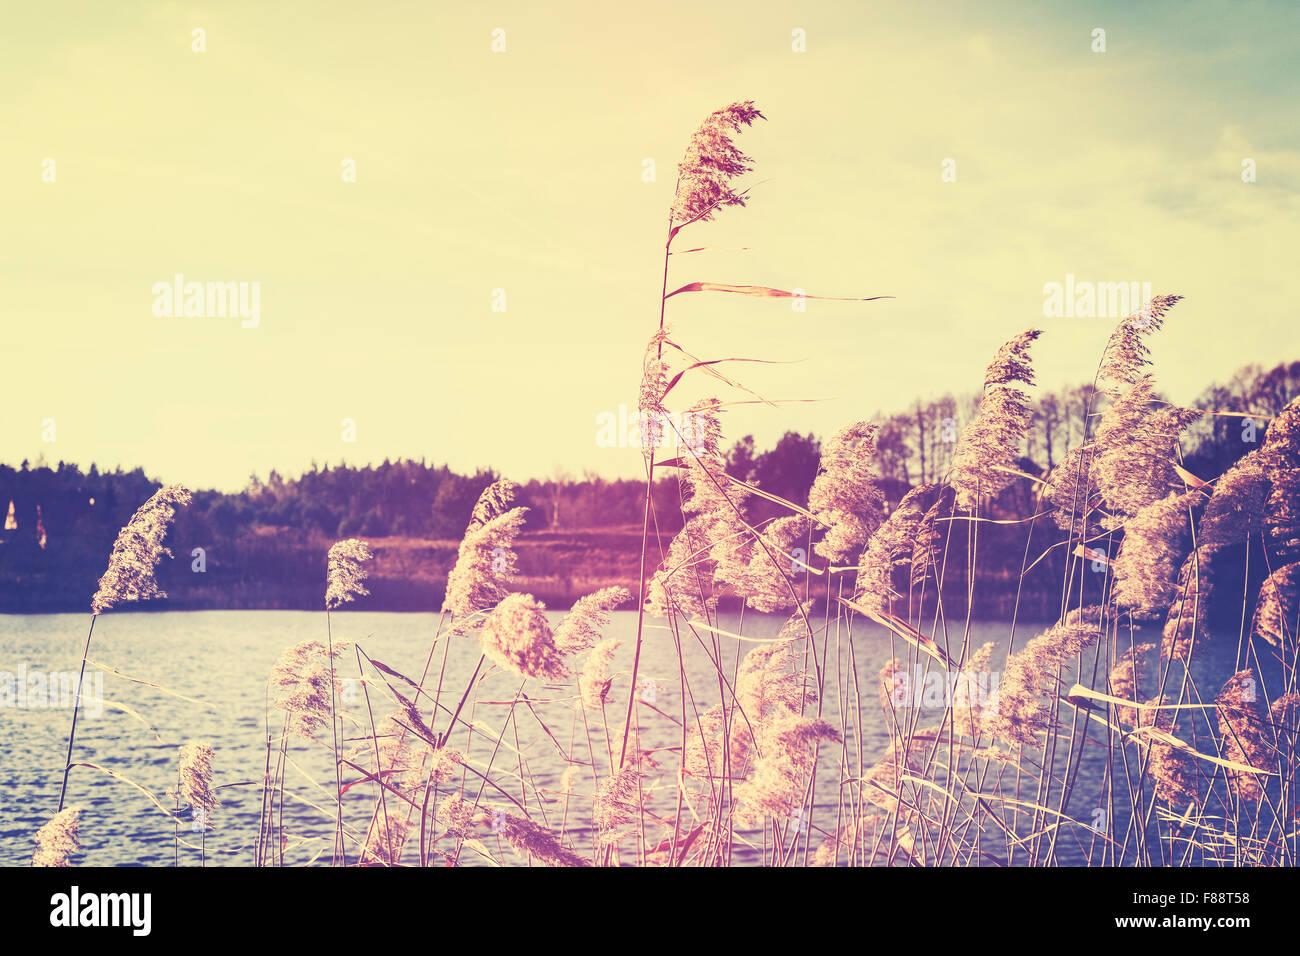 Vintage tonica canne da un lago, natura sfondo con profondità di campo ridotta. Immagini Stock